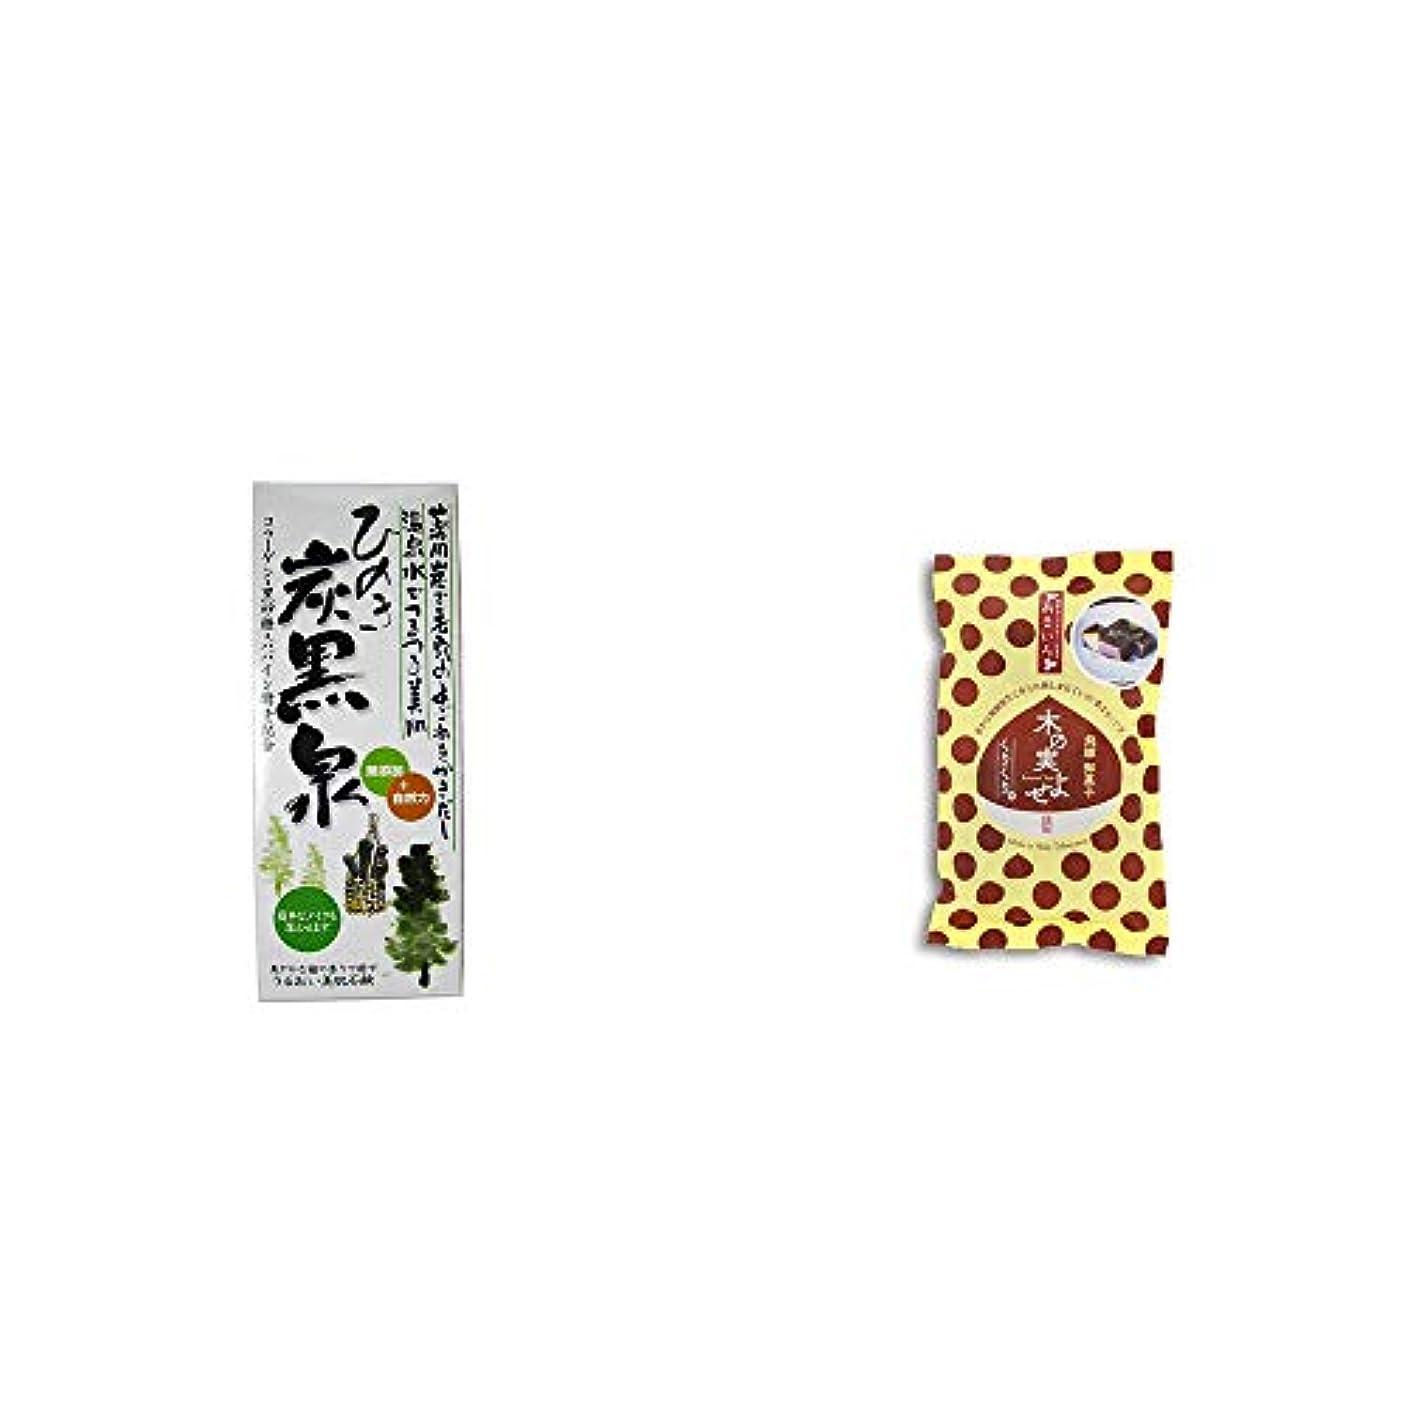 生き物探す単なる[2点セット] ひのき炭黒泉 箱入り(75g×3)?木の実よせ くりくり味(5個入)